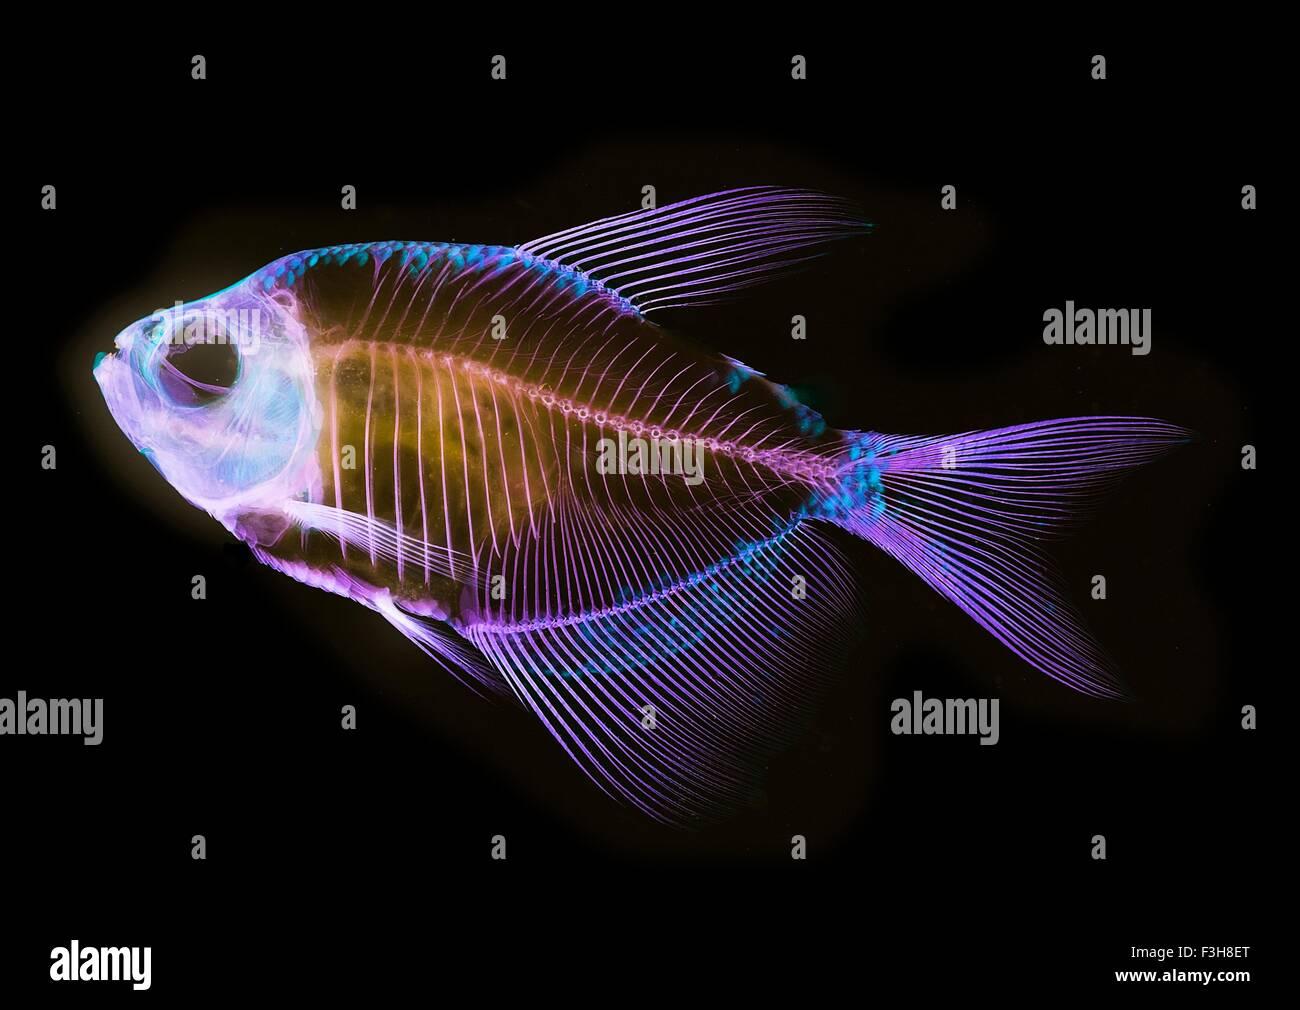 Alizarin Knochen Fleck anatomische Fisch Skelett Vorbereitung von einem weißen schuppigen tetra Stockbild